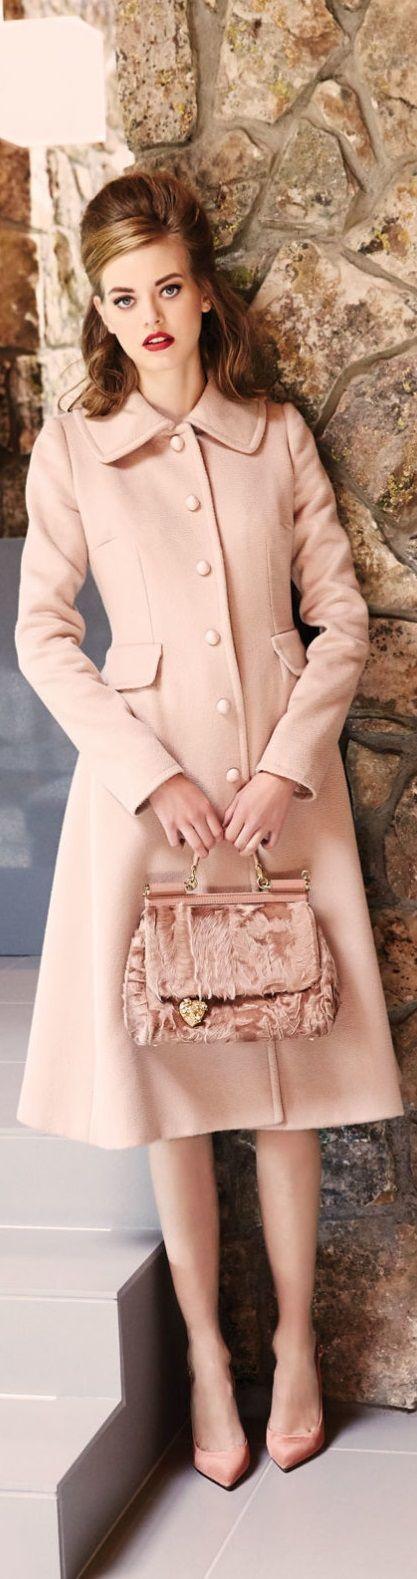 Dolce & Gabbana FW 2015